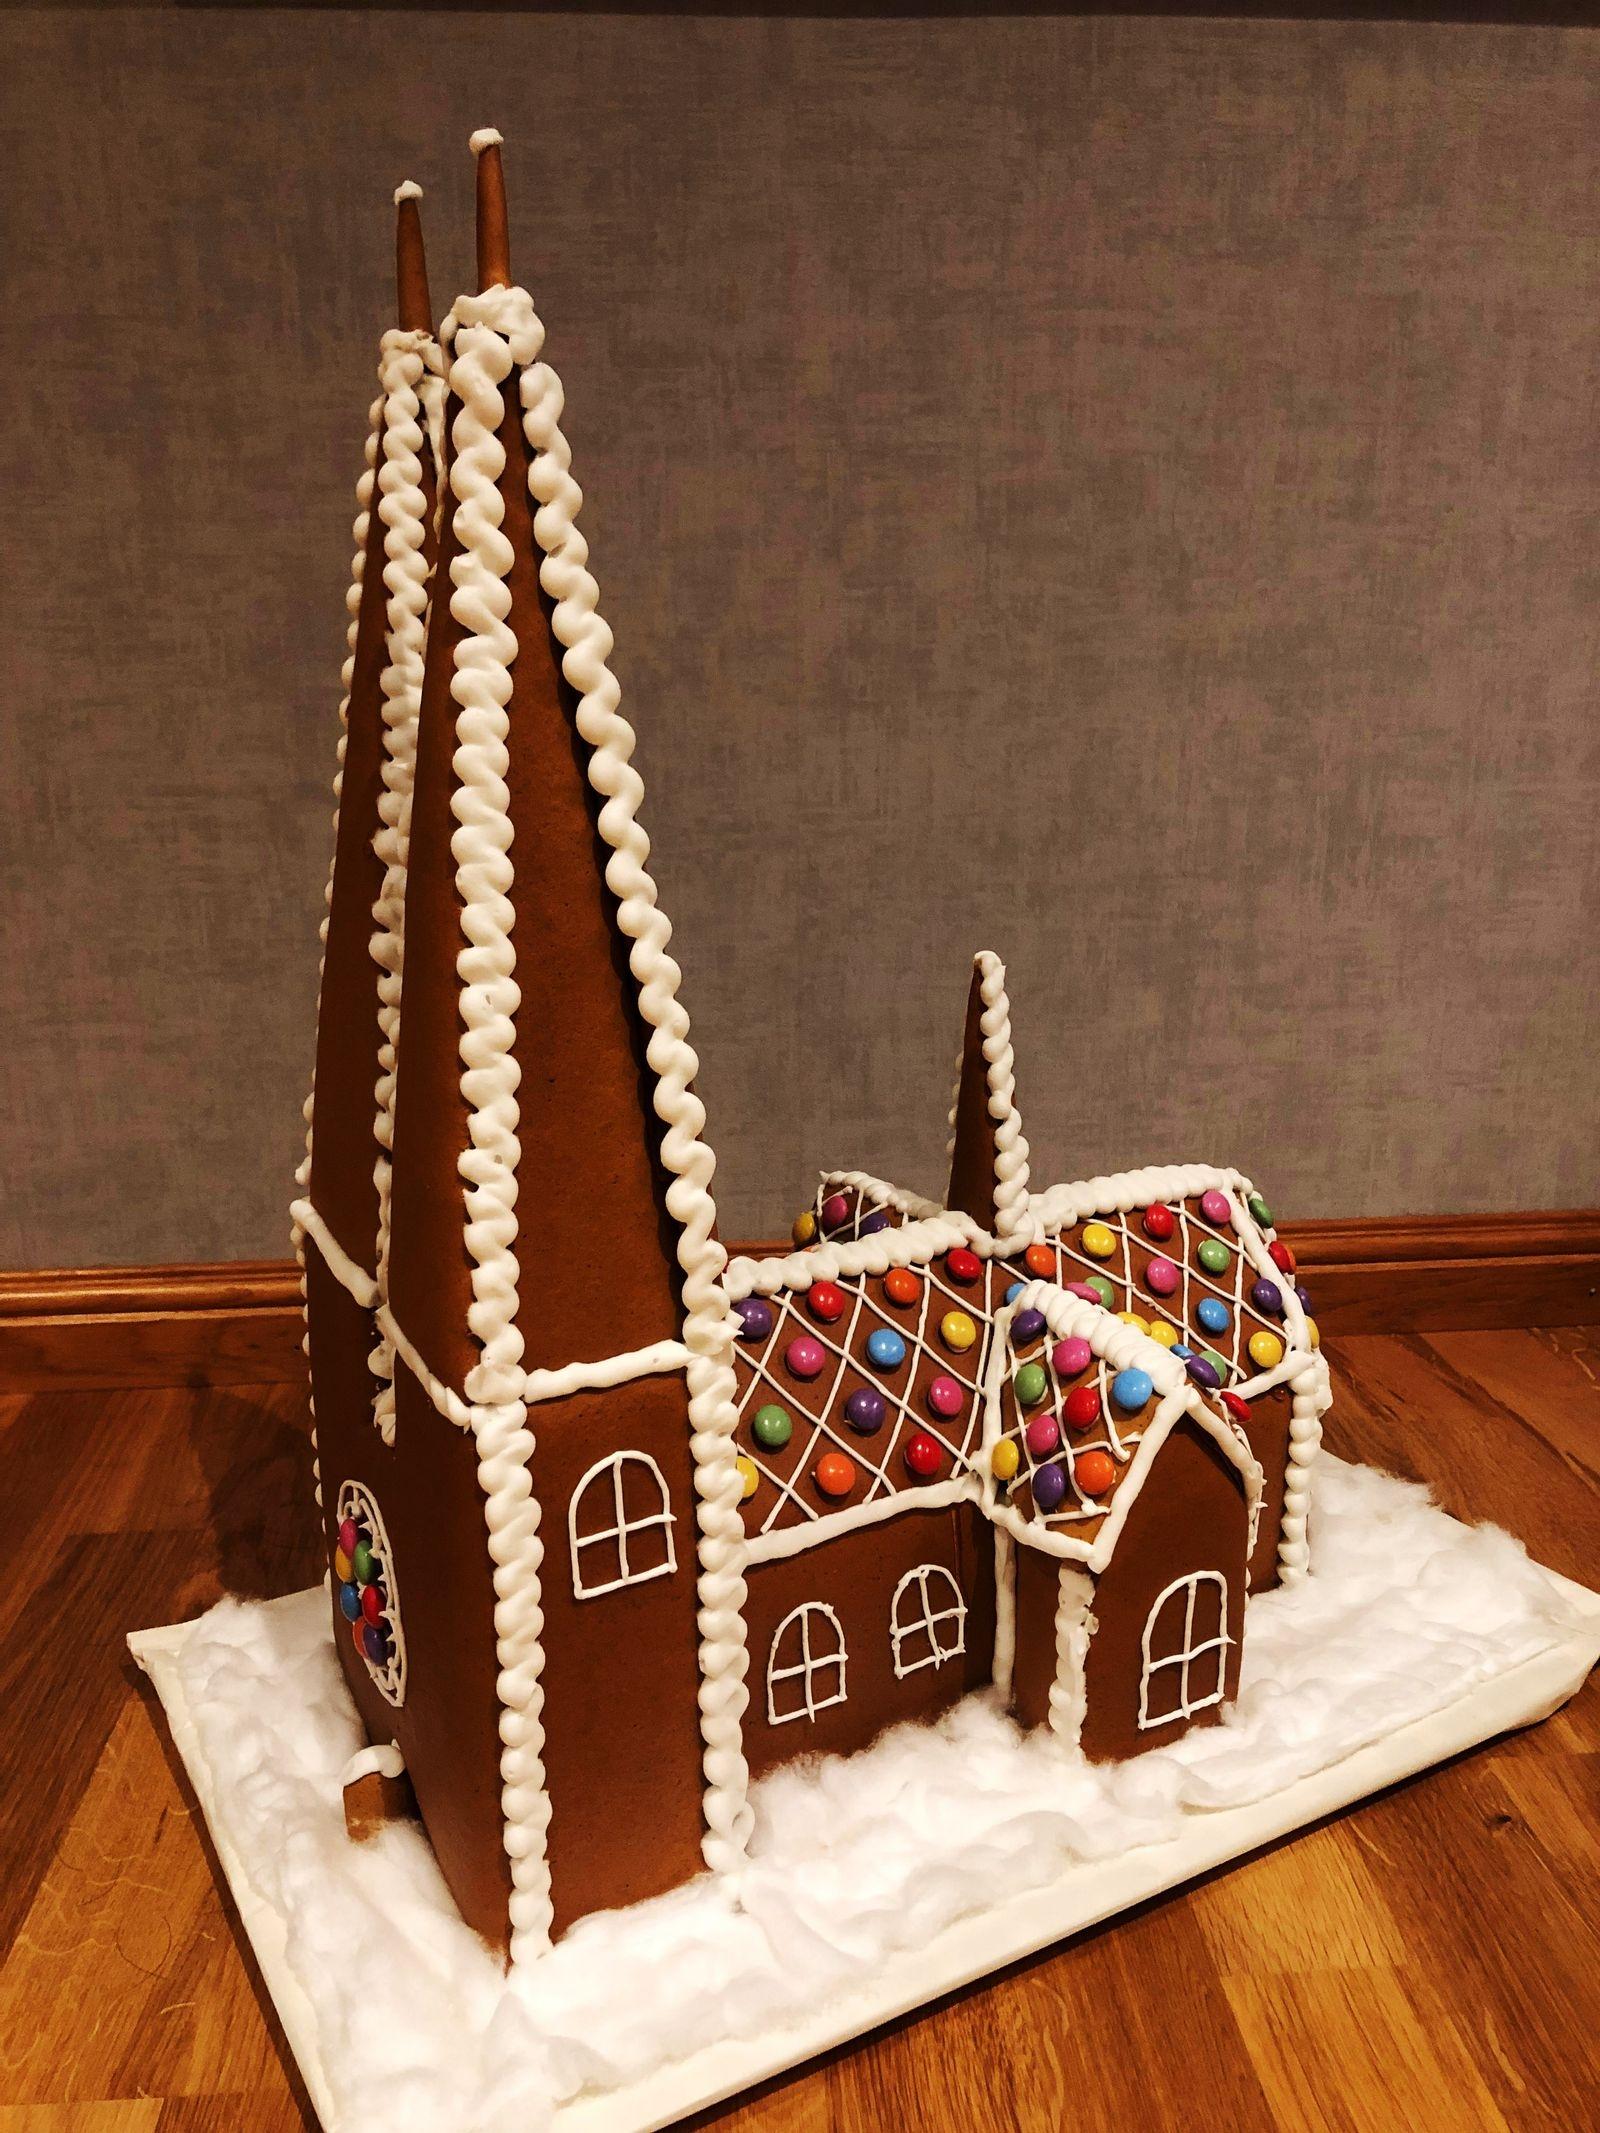 Catarina Wiiks familj har skapat Uppsala domkyrka i pepparkaka. Dottern Sanna flyttade till Uppsala i höstas för att studera på SLU, så därför valde familjenatt bygga något med anknytning till staden.